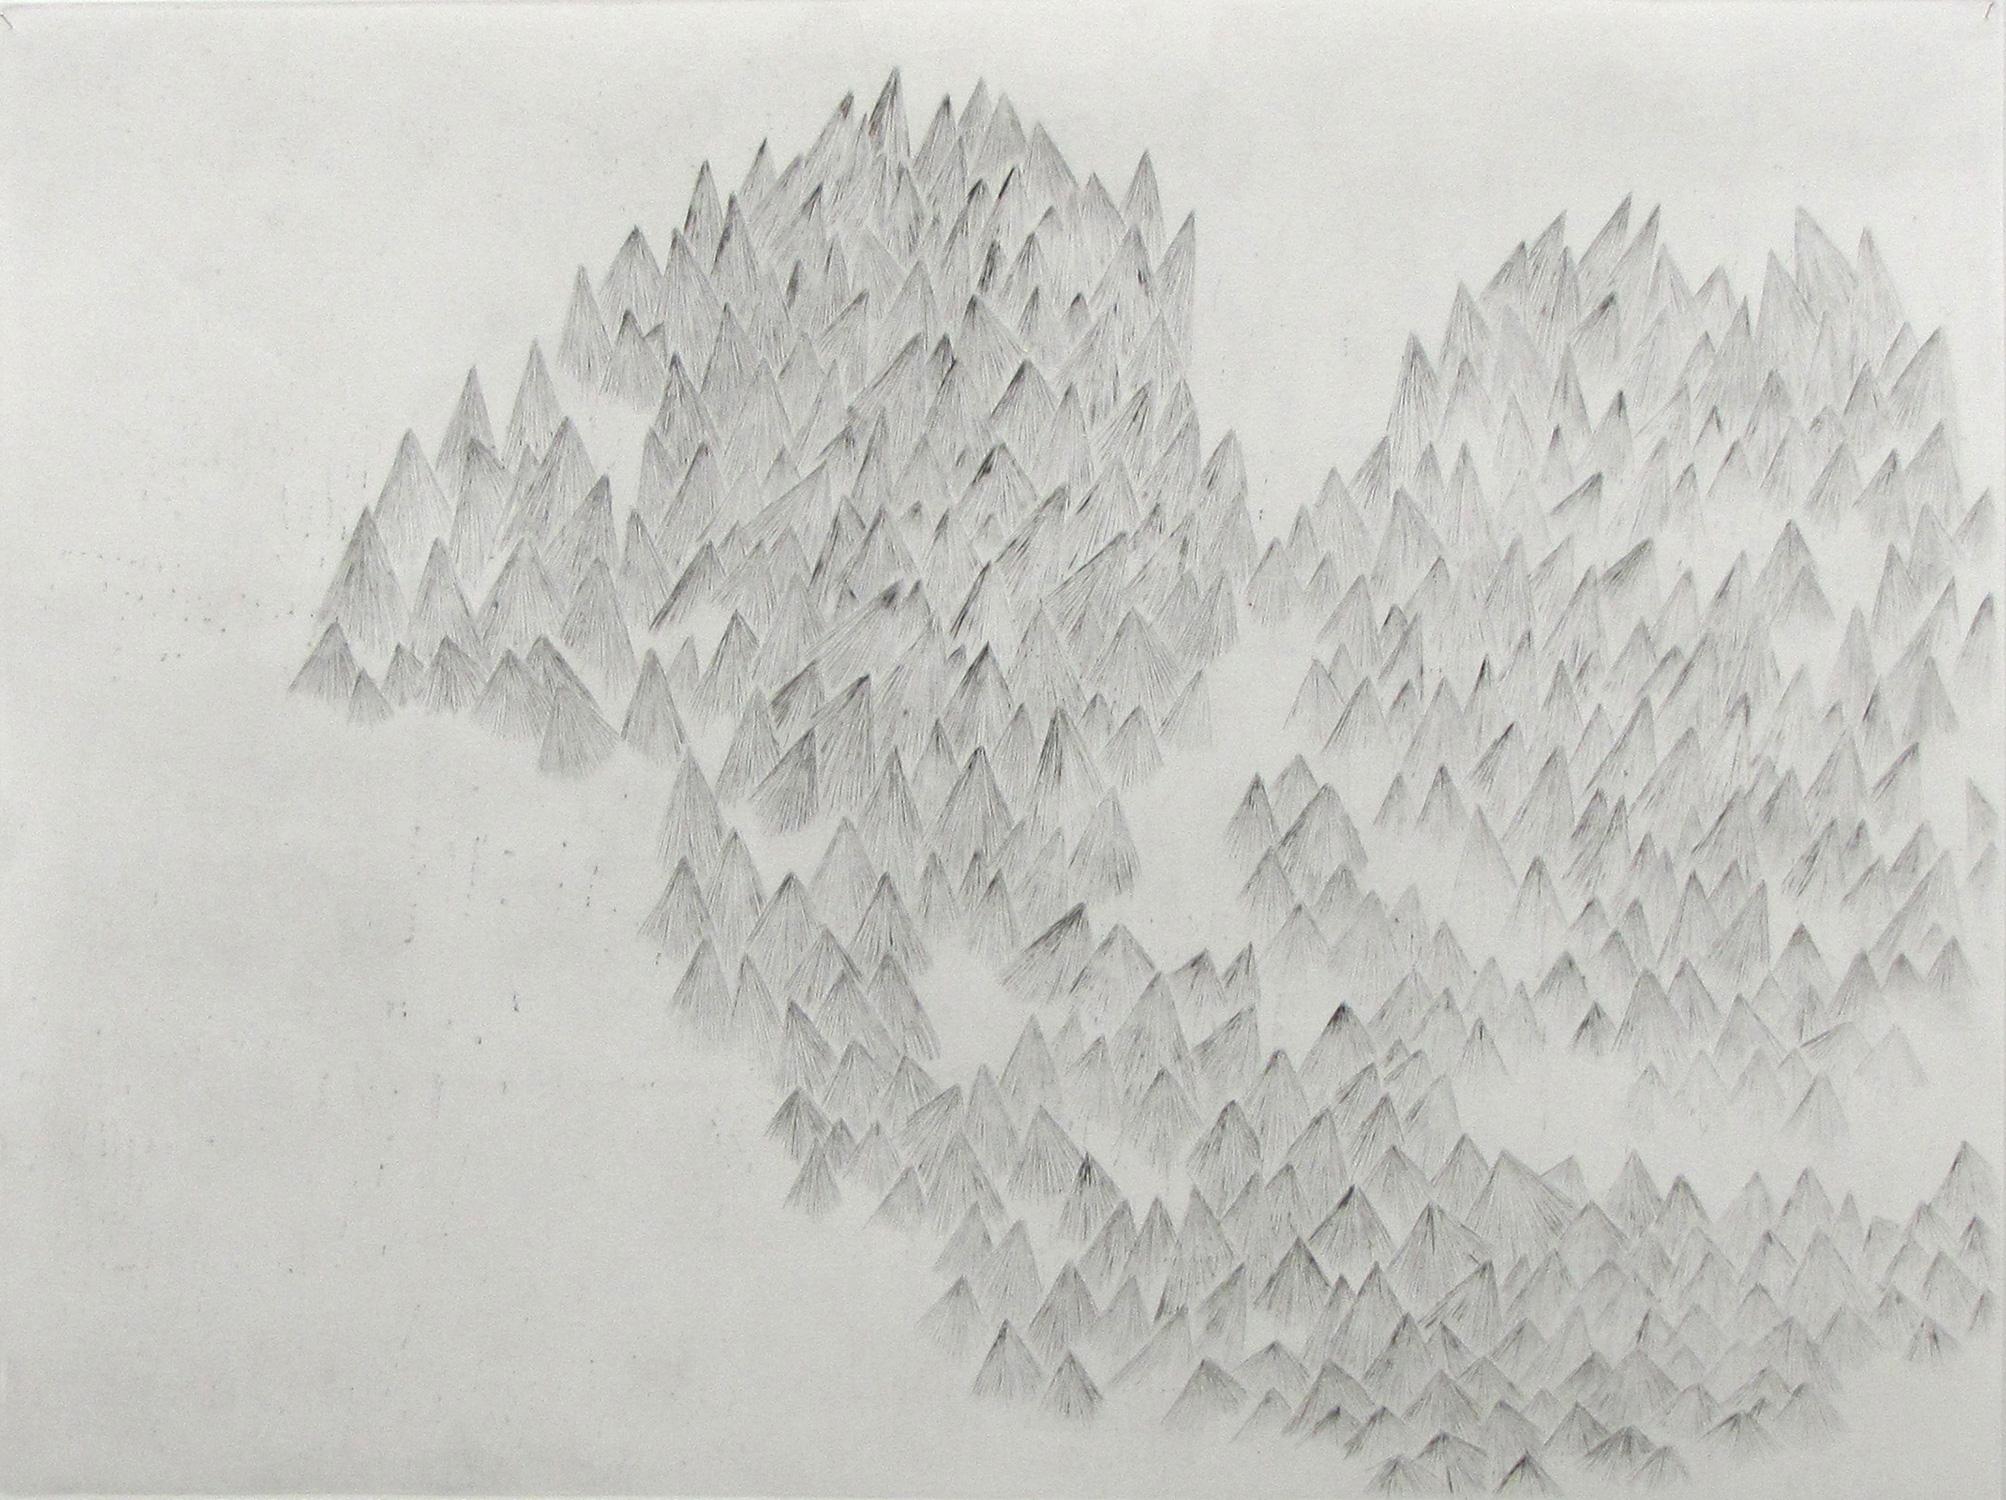 <i>Lieu dit</i>, 2008, 65x80cm